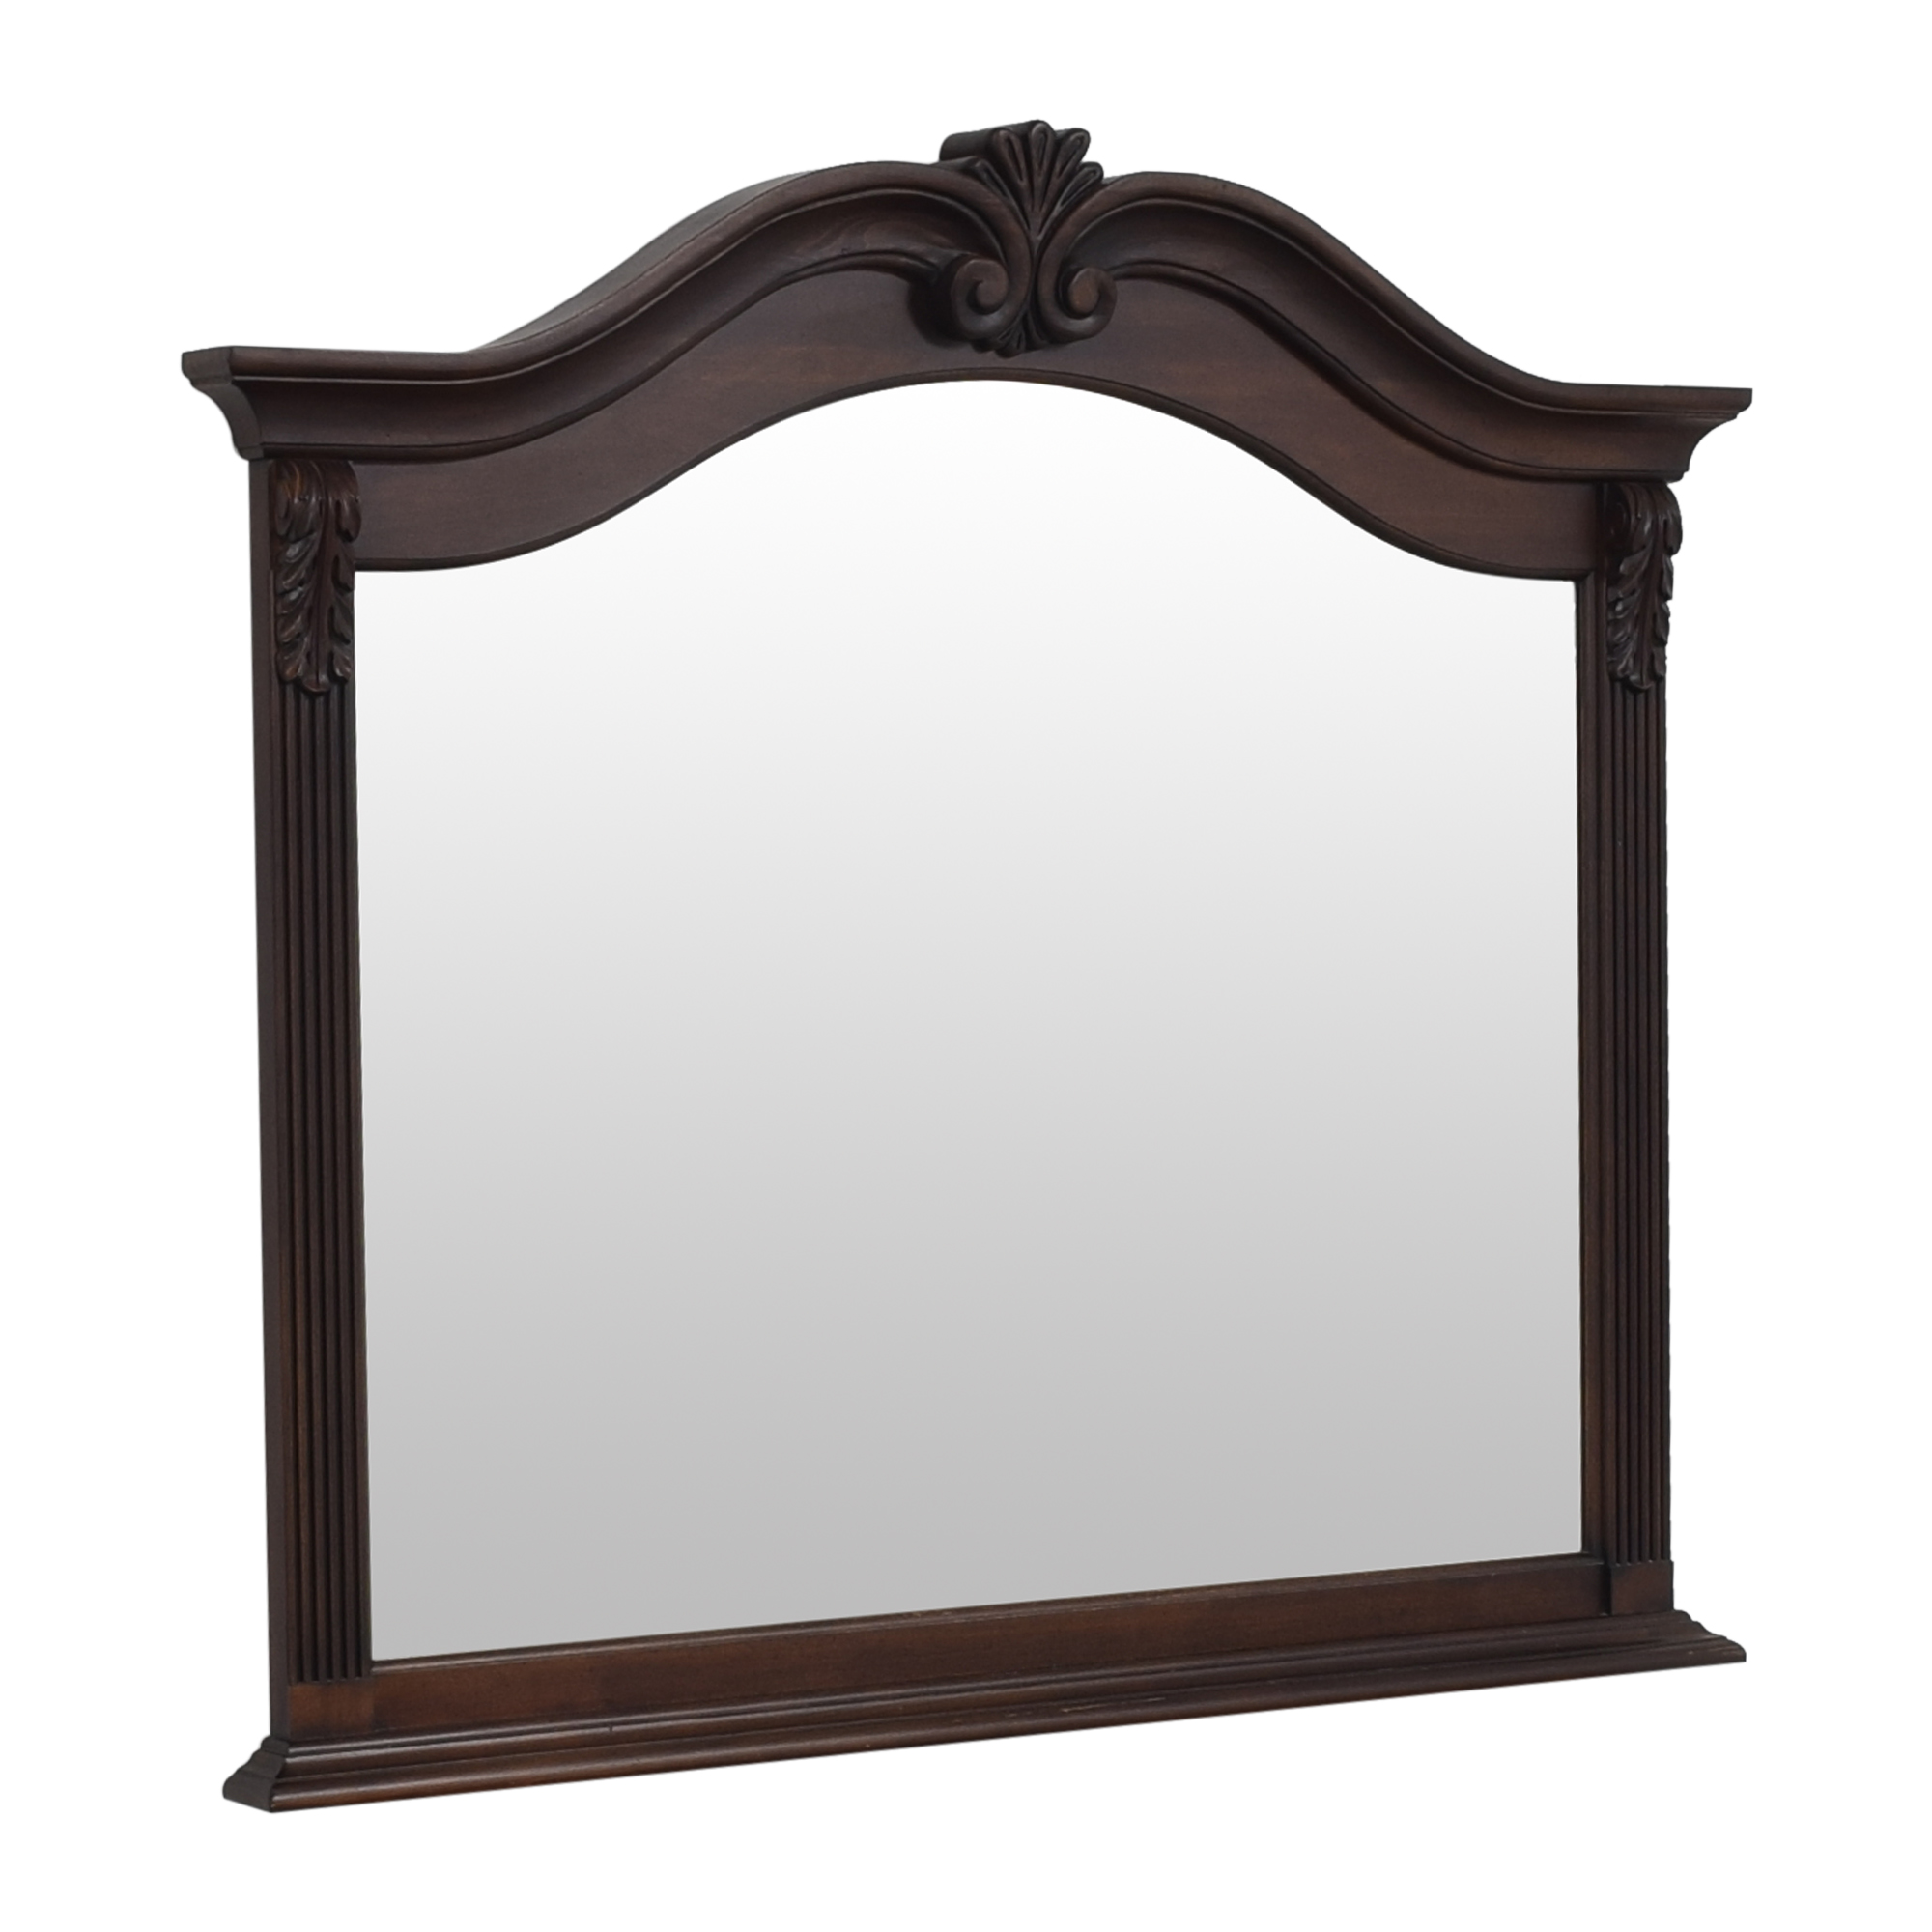 Thomasville Thomasville Framed Wall Mirror pa